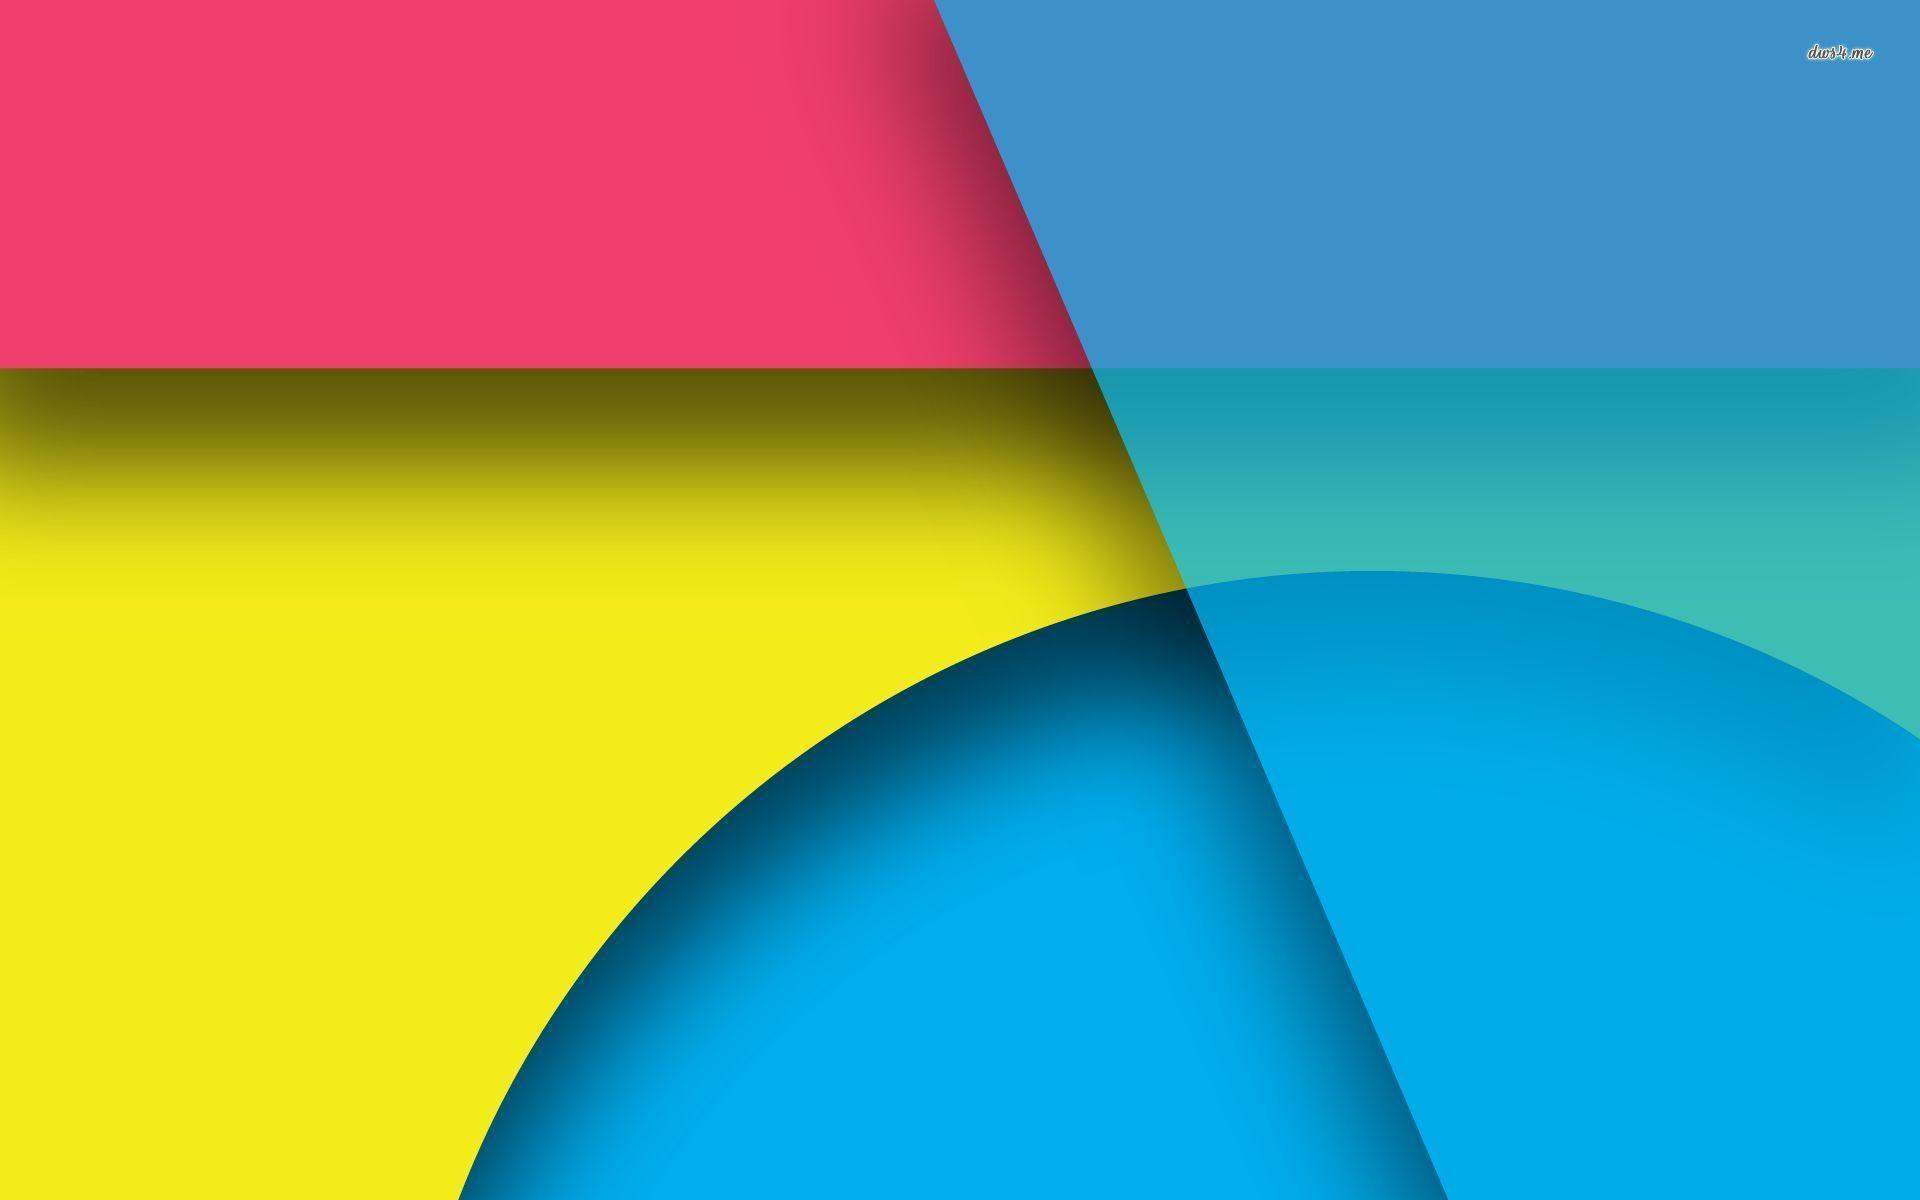 Abstract Shapes Wallpaper Wallpapersafari HD Wallpapers Download Free Images Wallpaper [1000image.com]